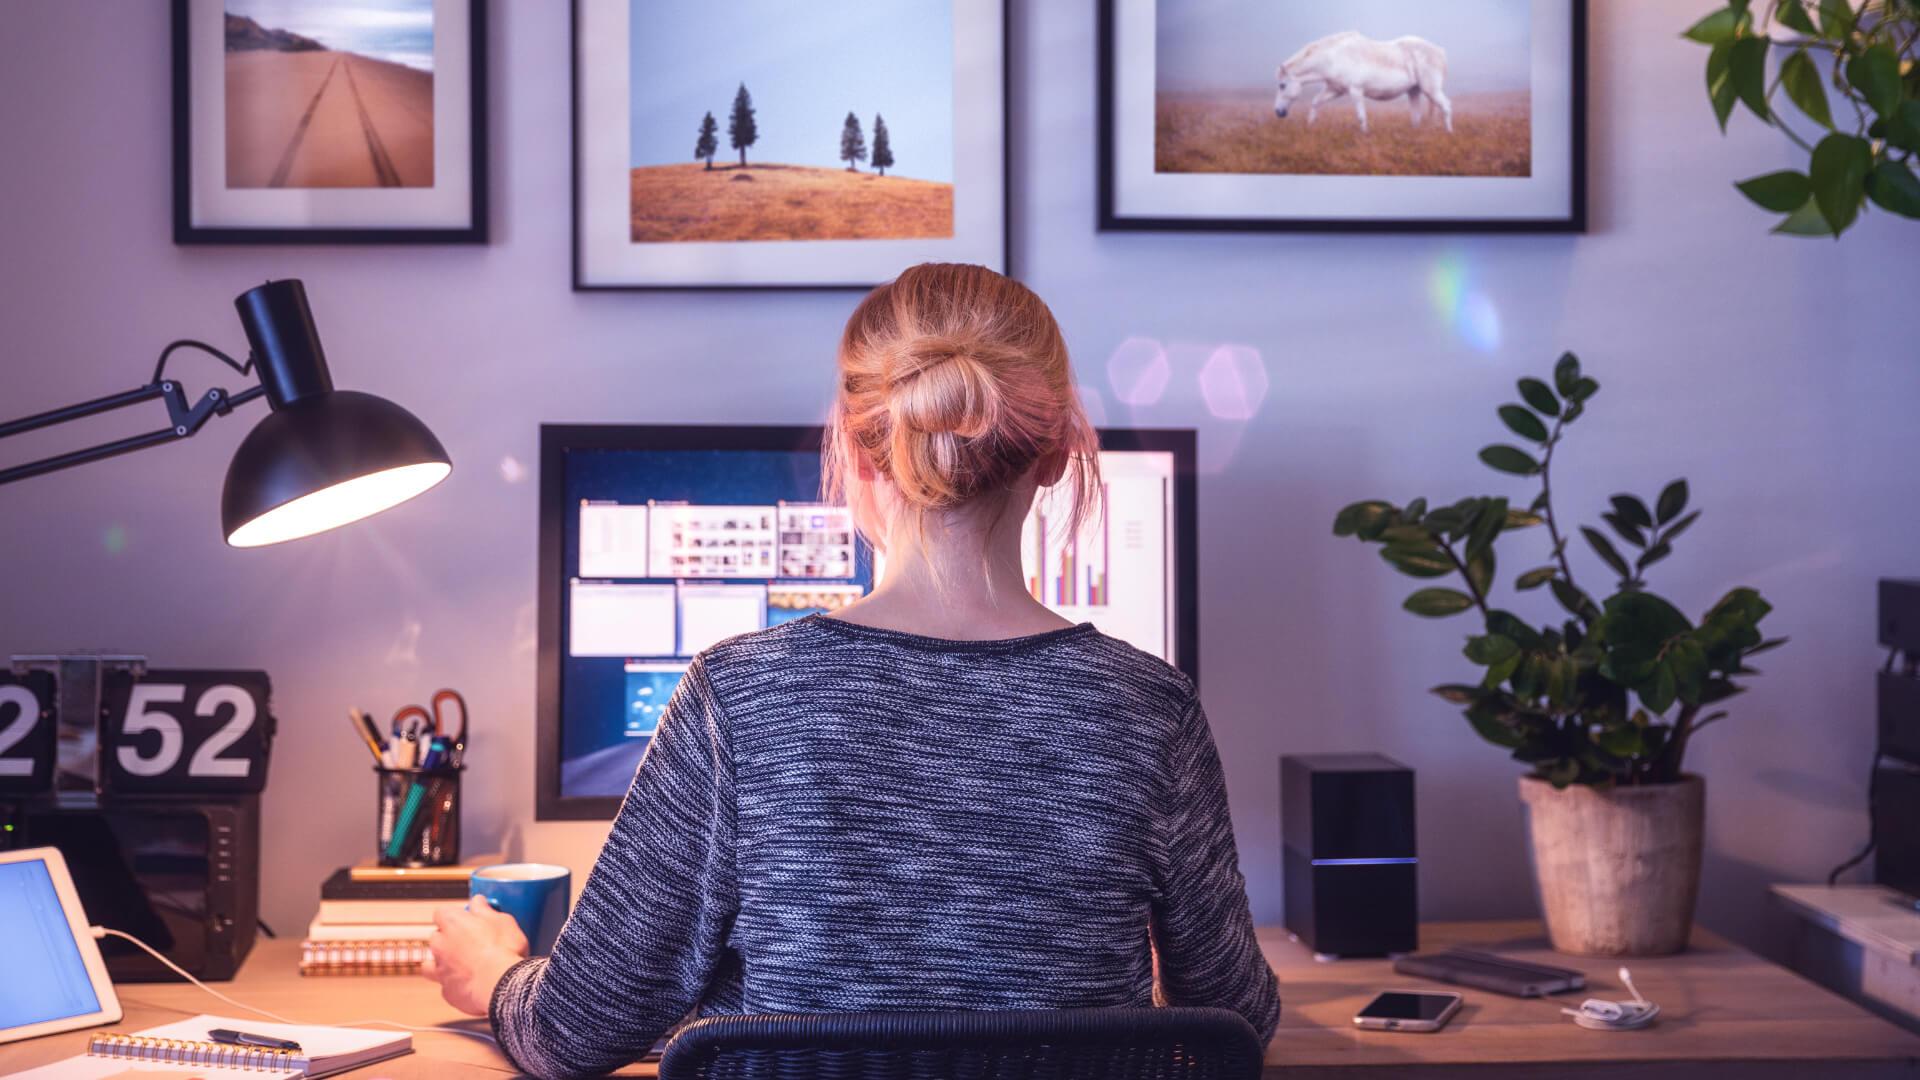 Hoher Stromverbrauch durch Corona und Home-Office